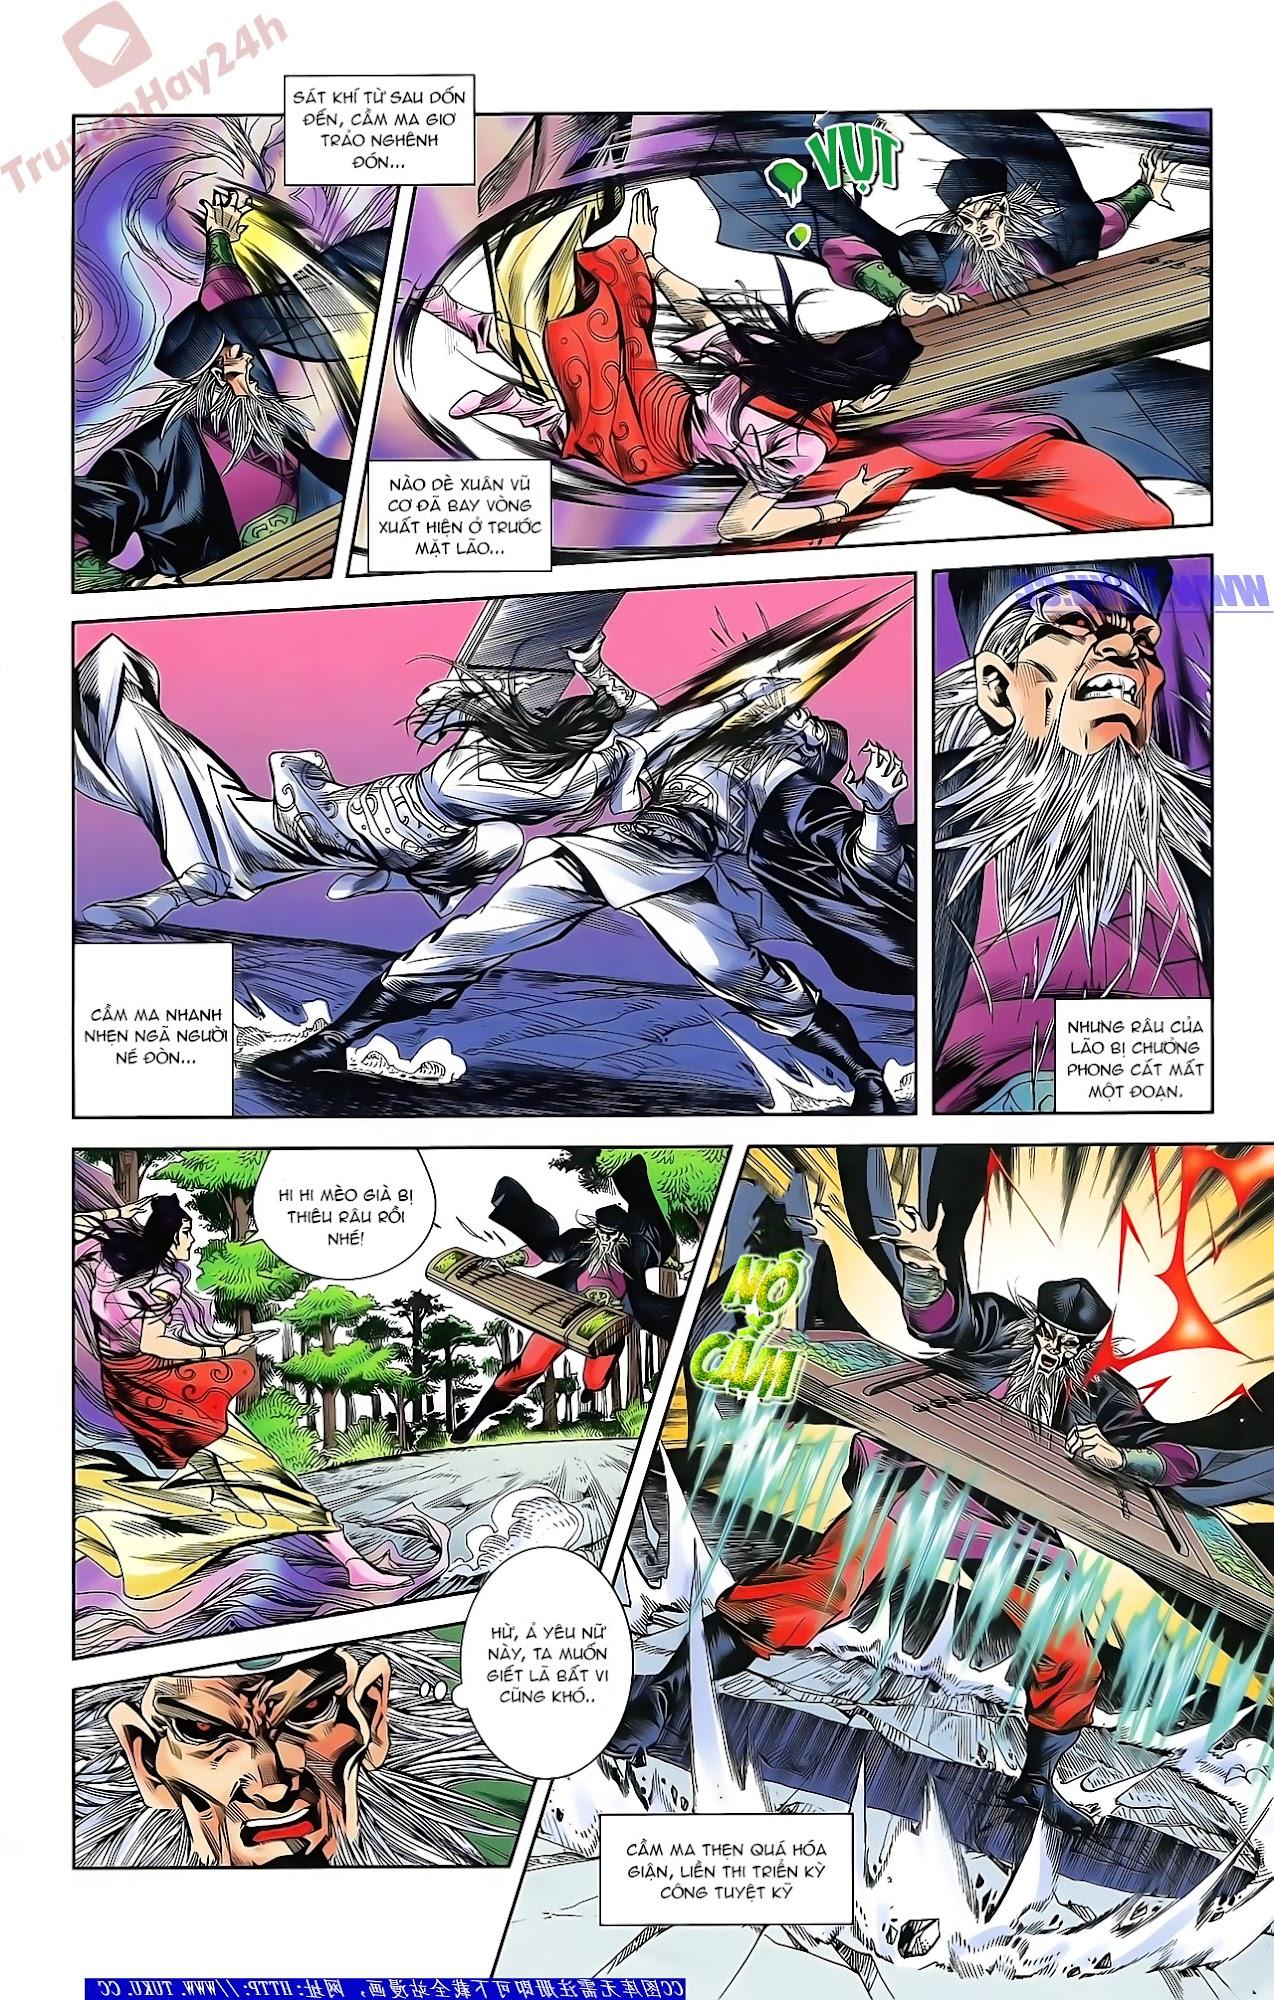 Tần Vương Doanh Chính chapter 46 trang 15